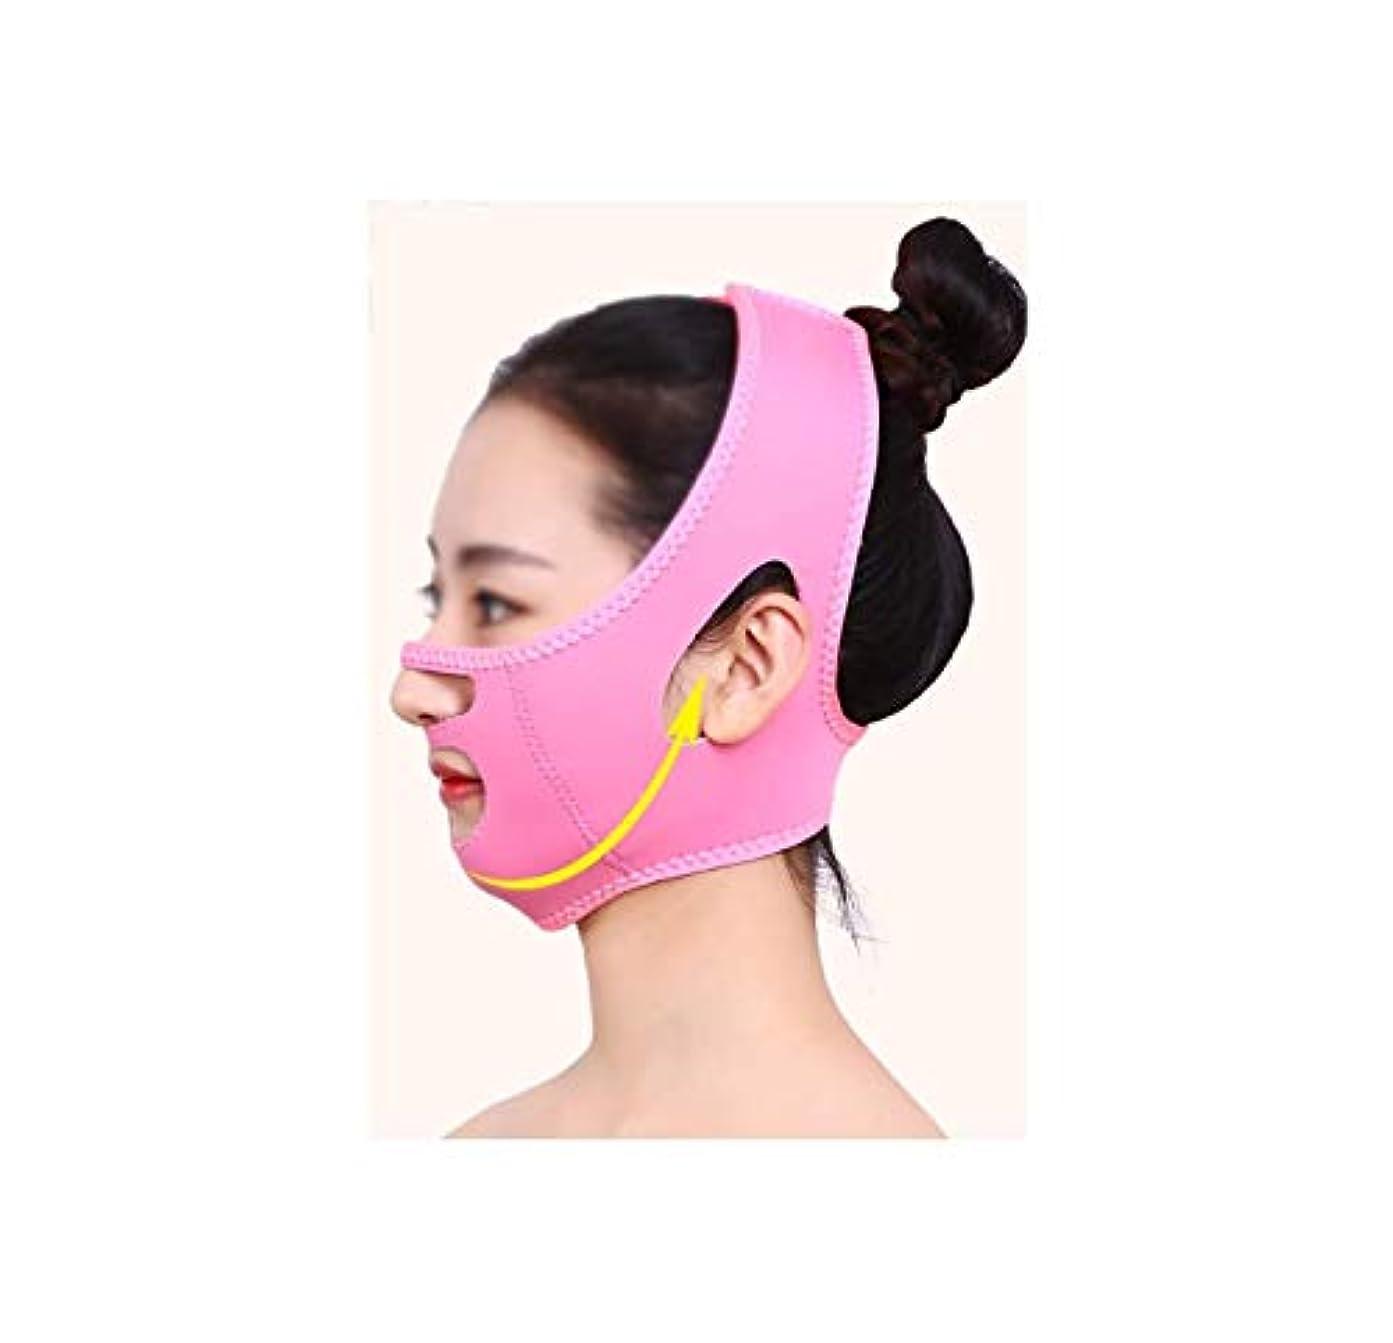 初期の隣人アクセルフェイスリフトマスク、フェイシャルマスク薄い顔マシン美容器具ローラー顔面薄い顔Vフェイスマスクダブルあご包帯アーティファクト